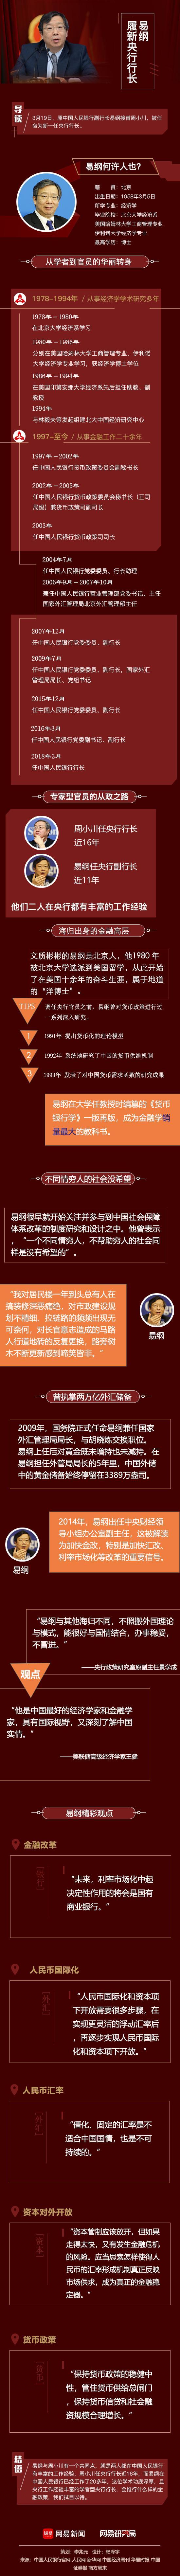 易纲任央行行长 曾高呼不同情穷人的社会没希望